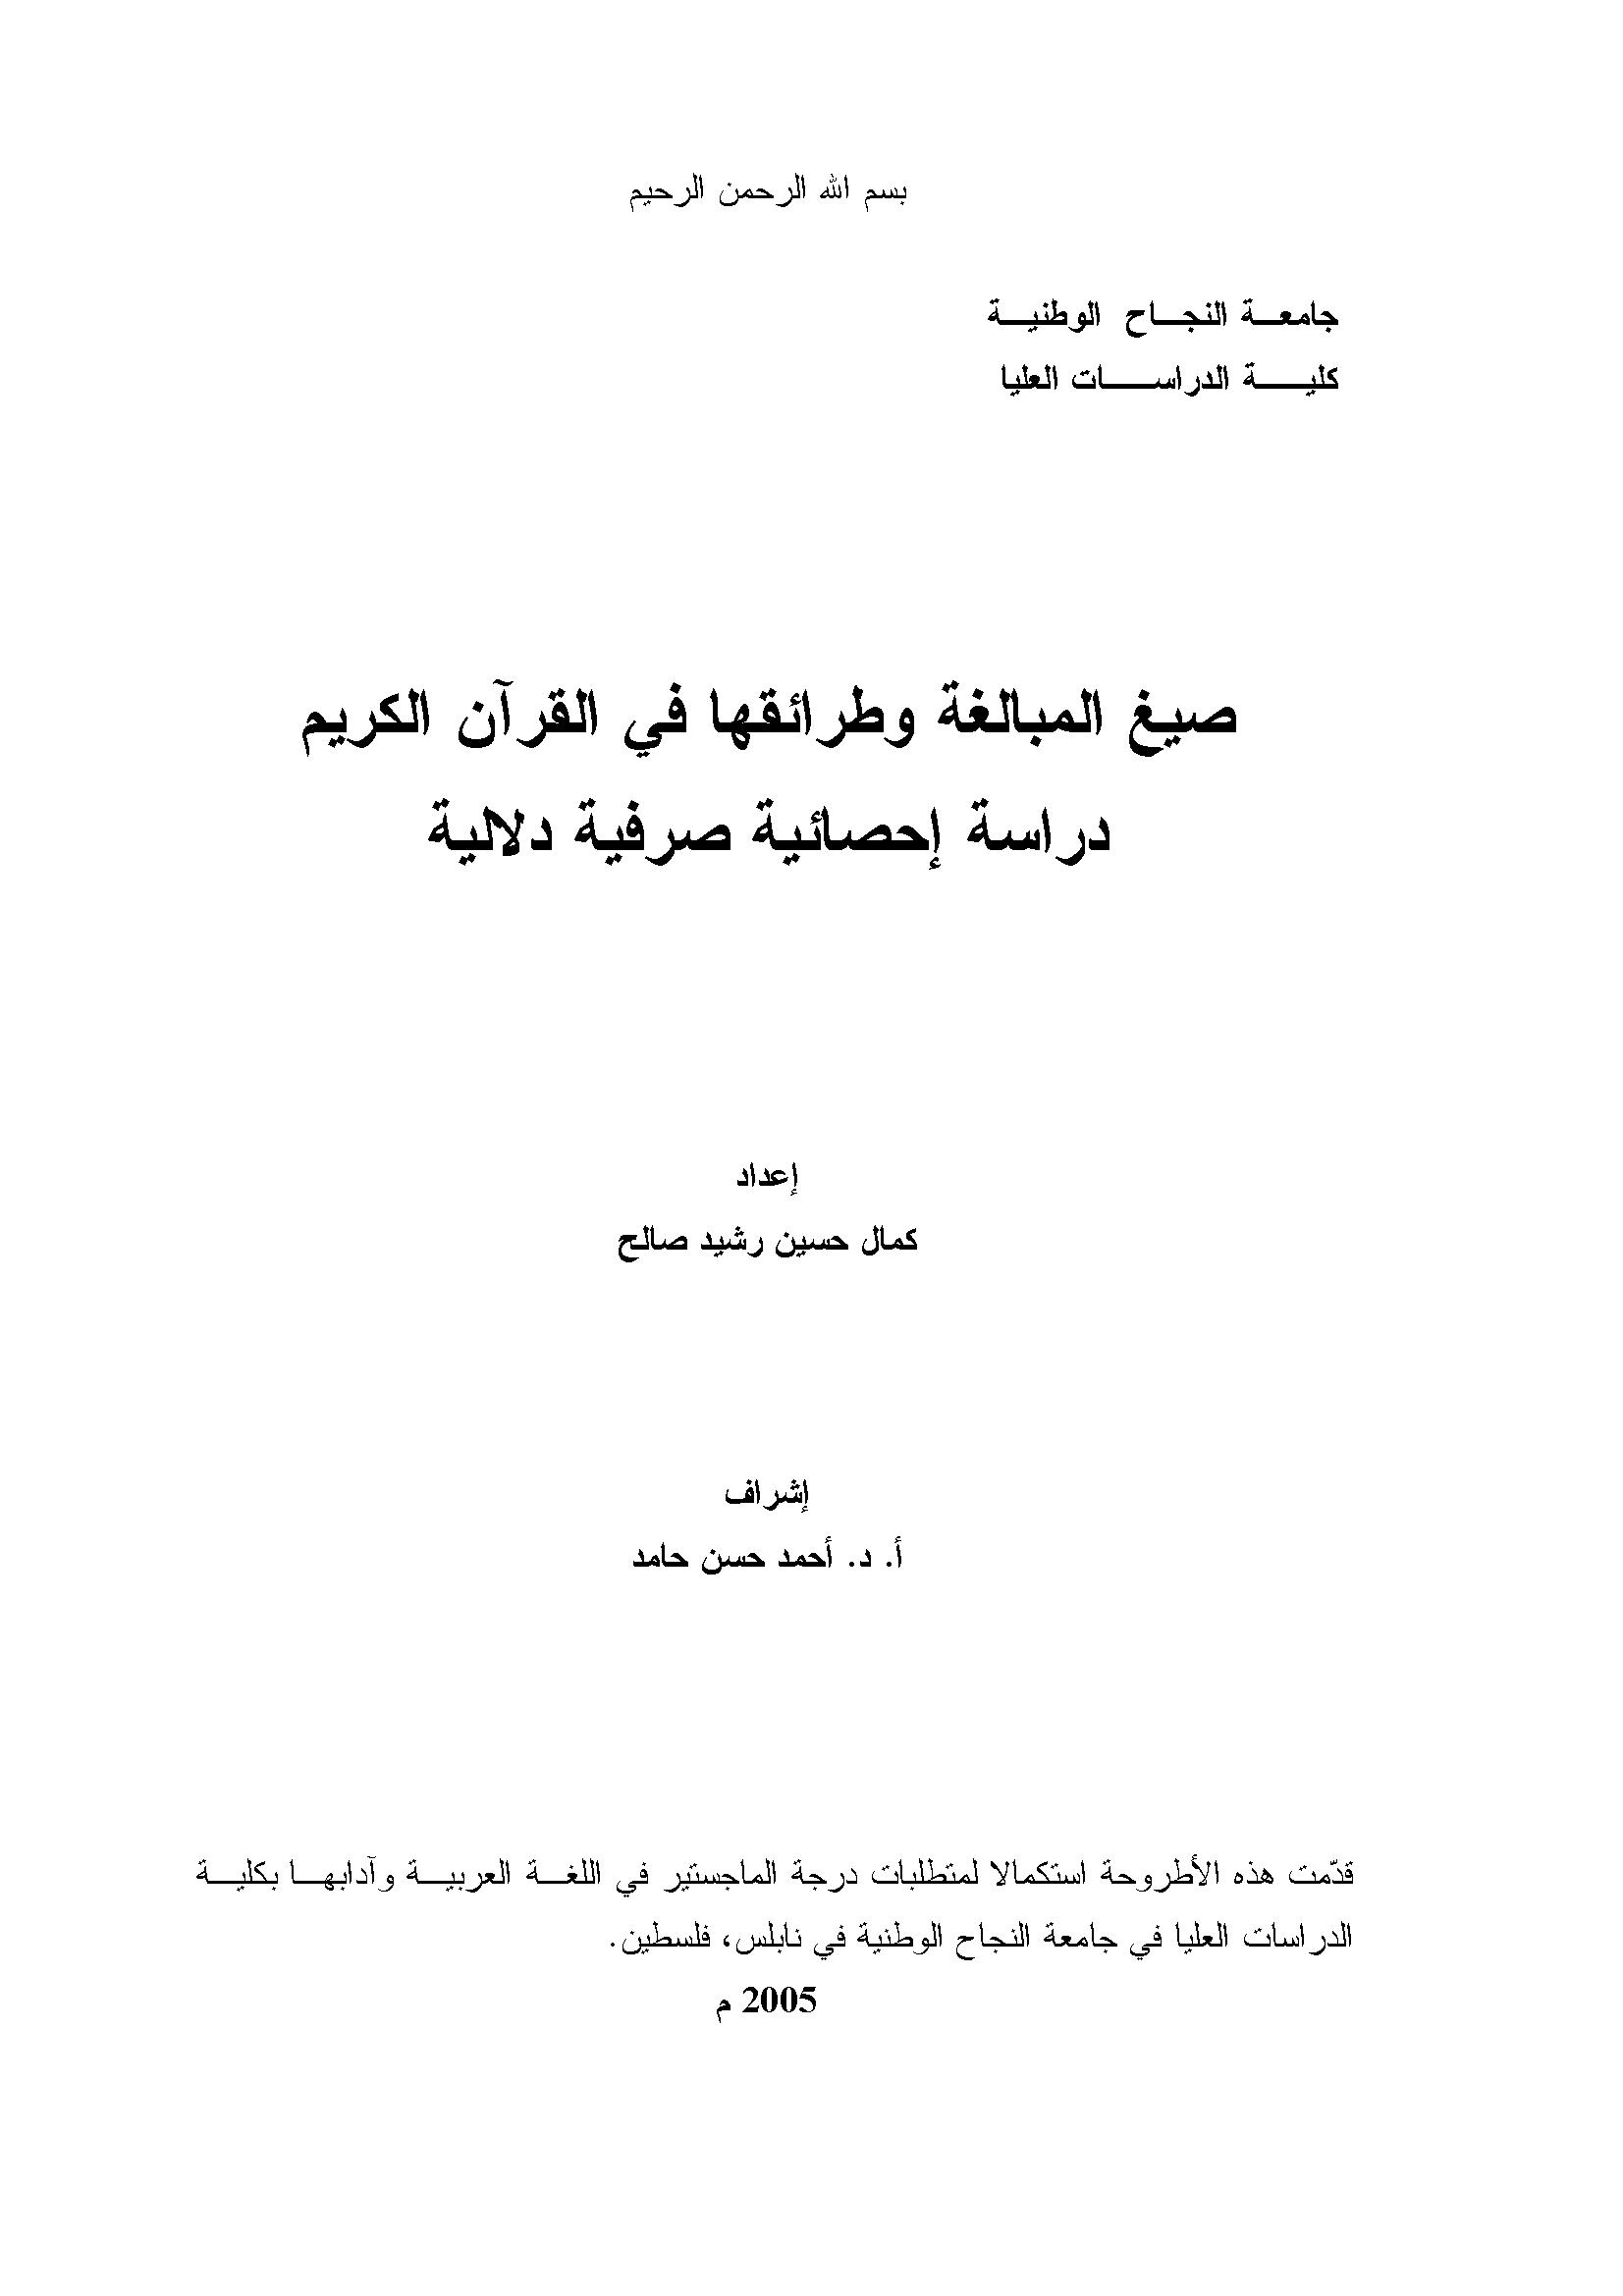 تحميل كتاب صيغ المبالغة وطرائقها في القرآن الكريم (دراسة إحصائية صرفية دلالية) لـِ: كمال حسين رشيد صالح